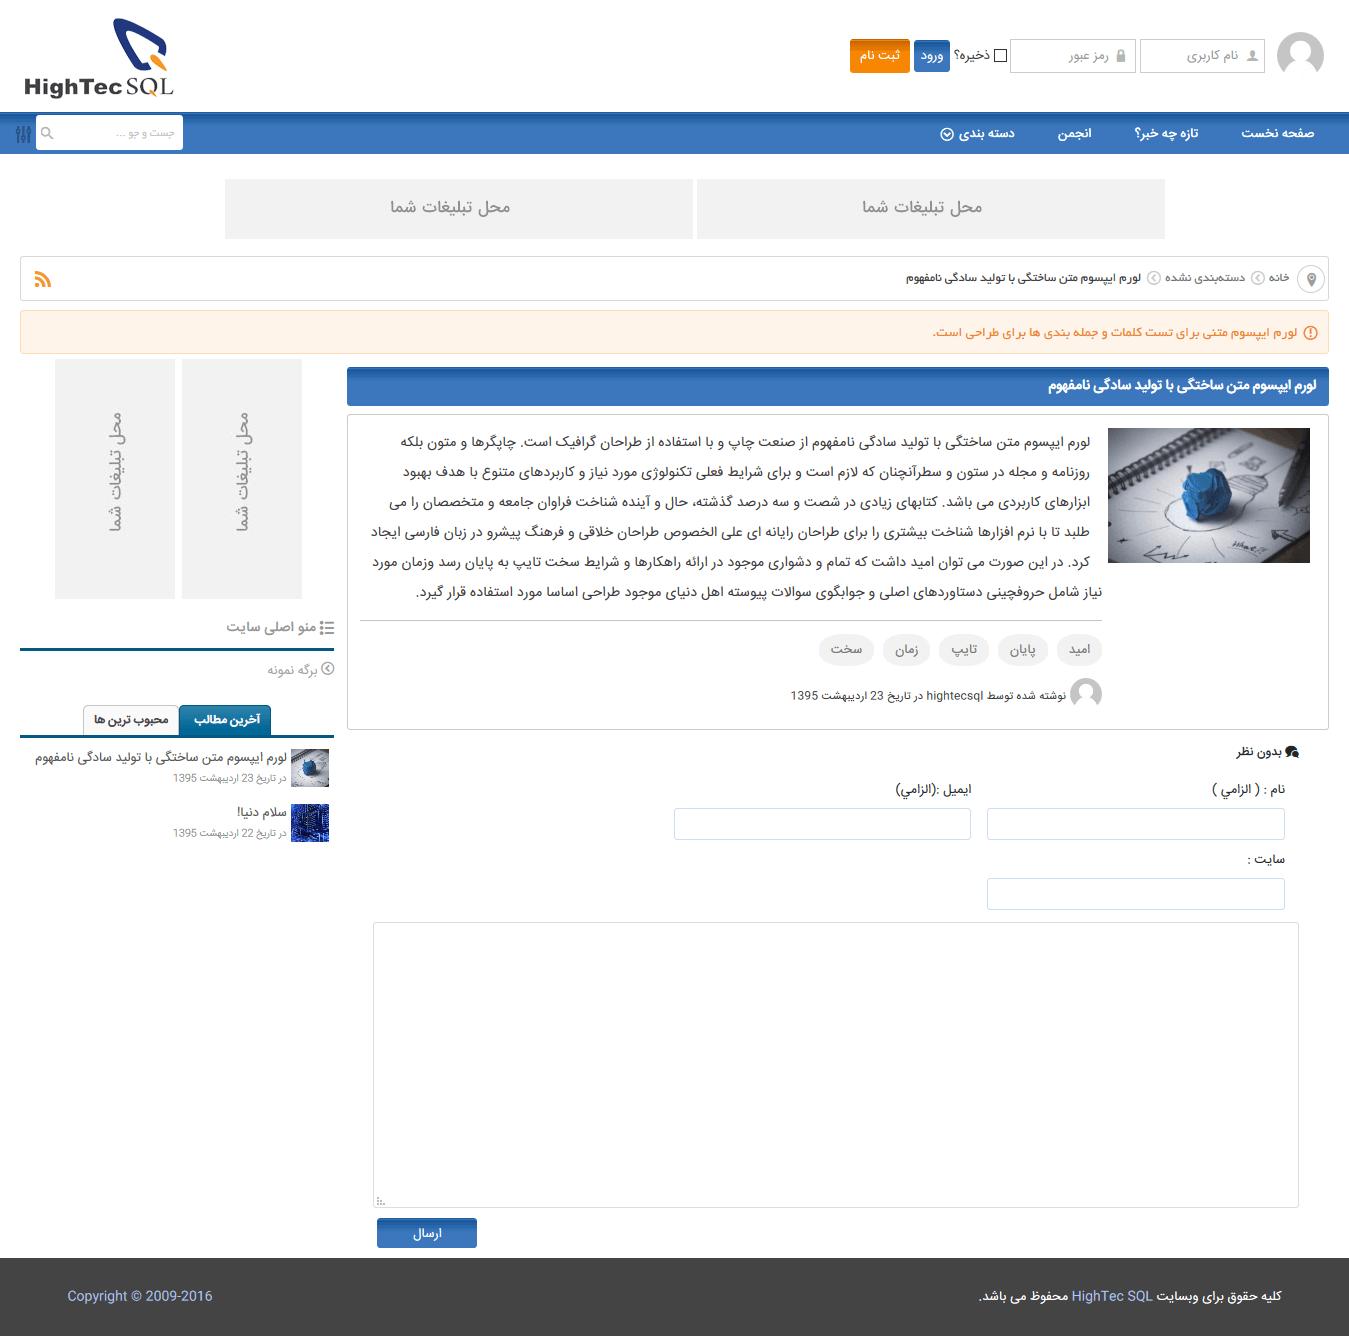 پایان طراحی قالب هایتک اس کیو ال